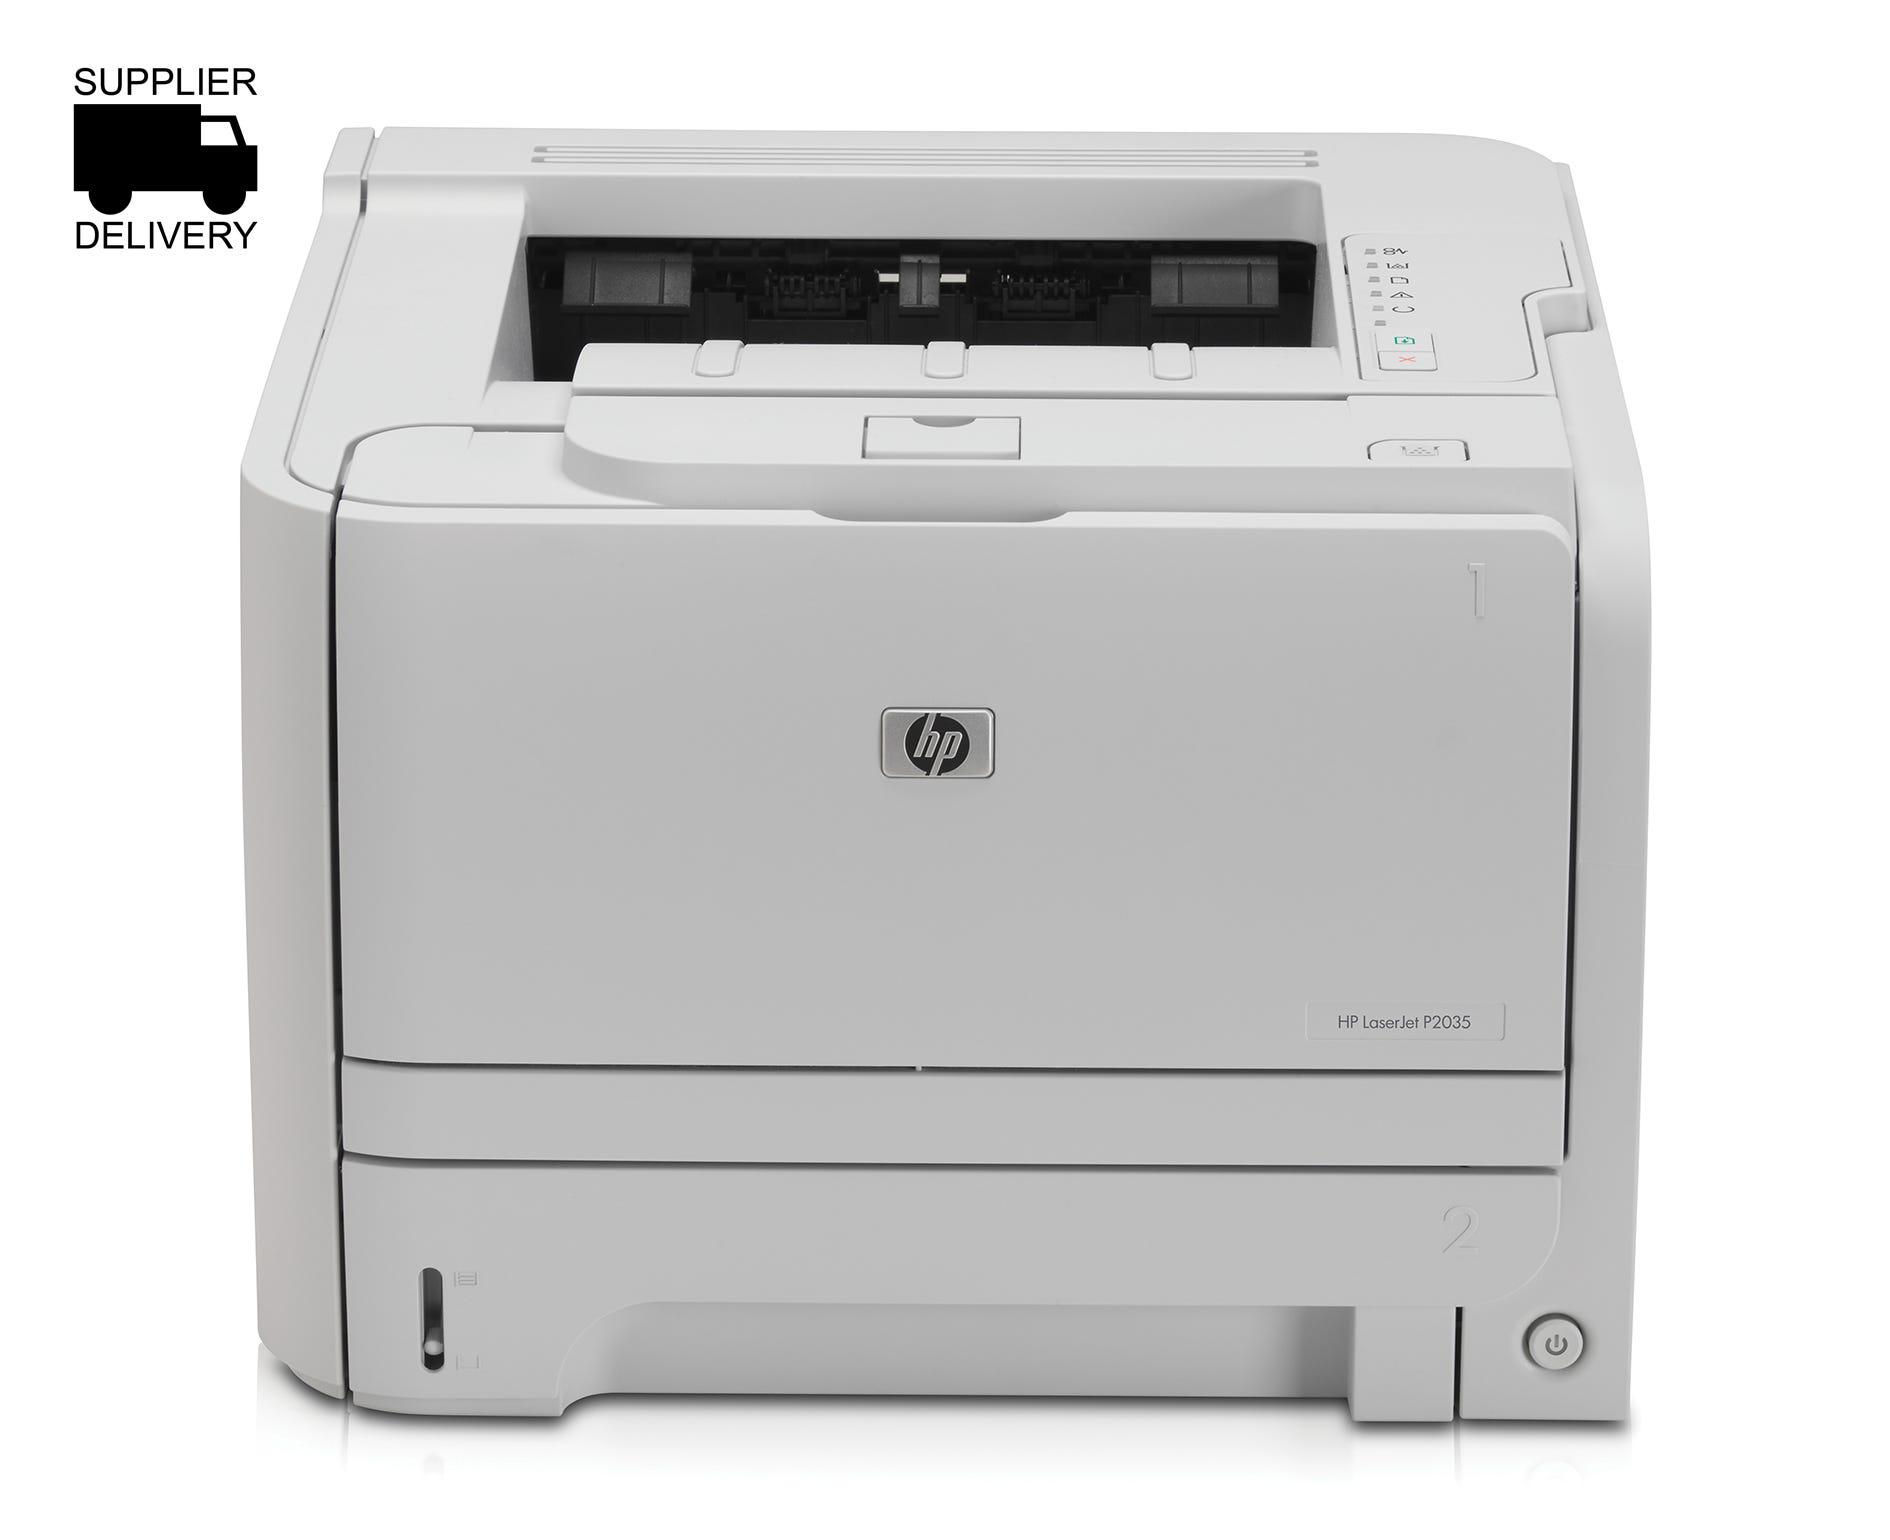 Image of HP Laserjet P2035 Mono Printer